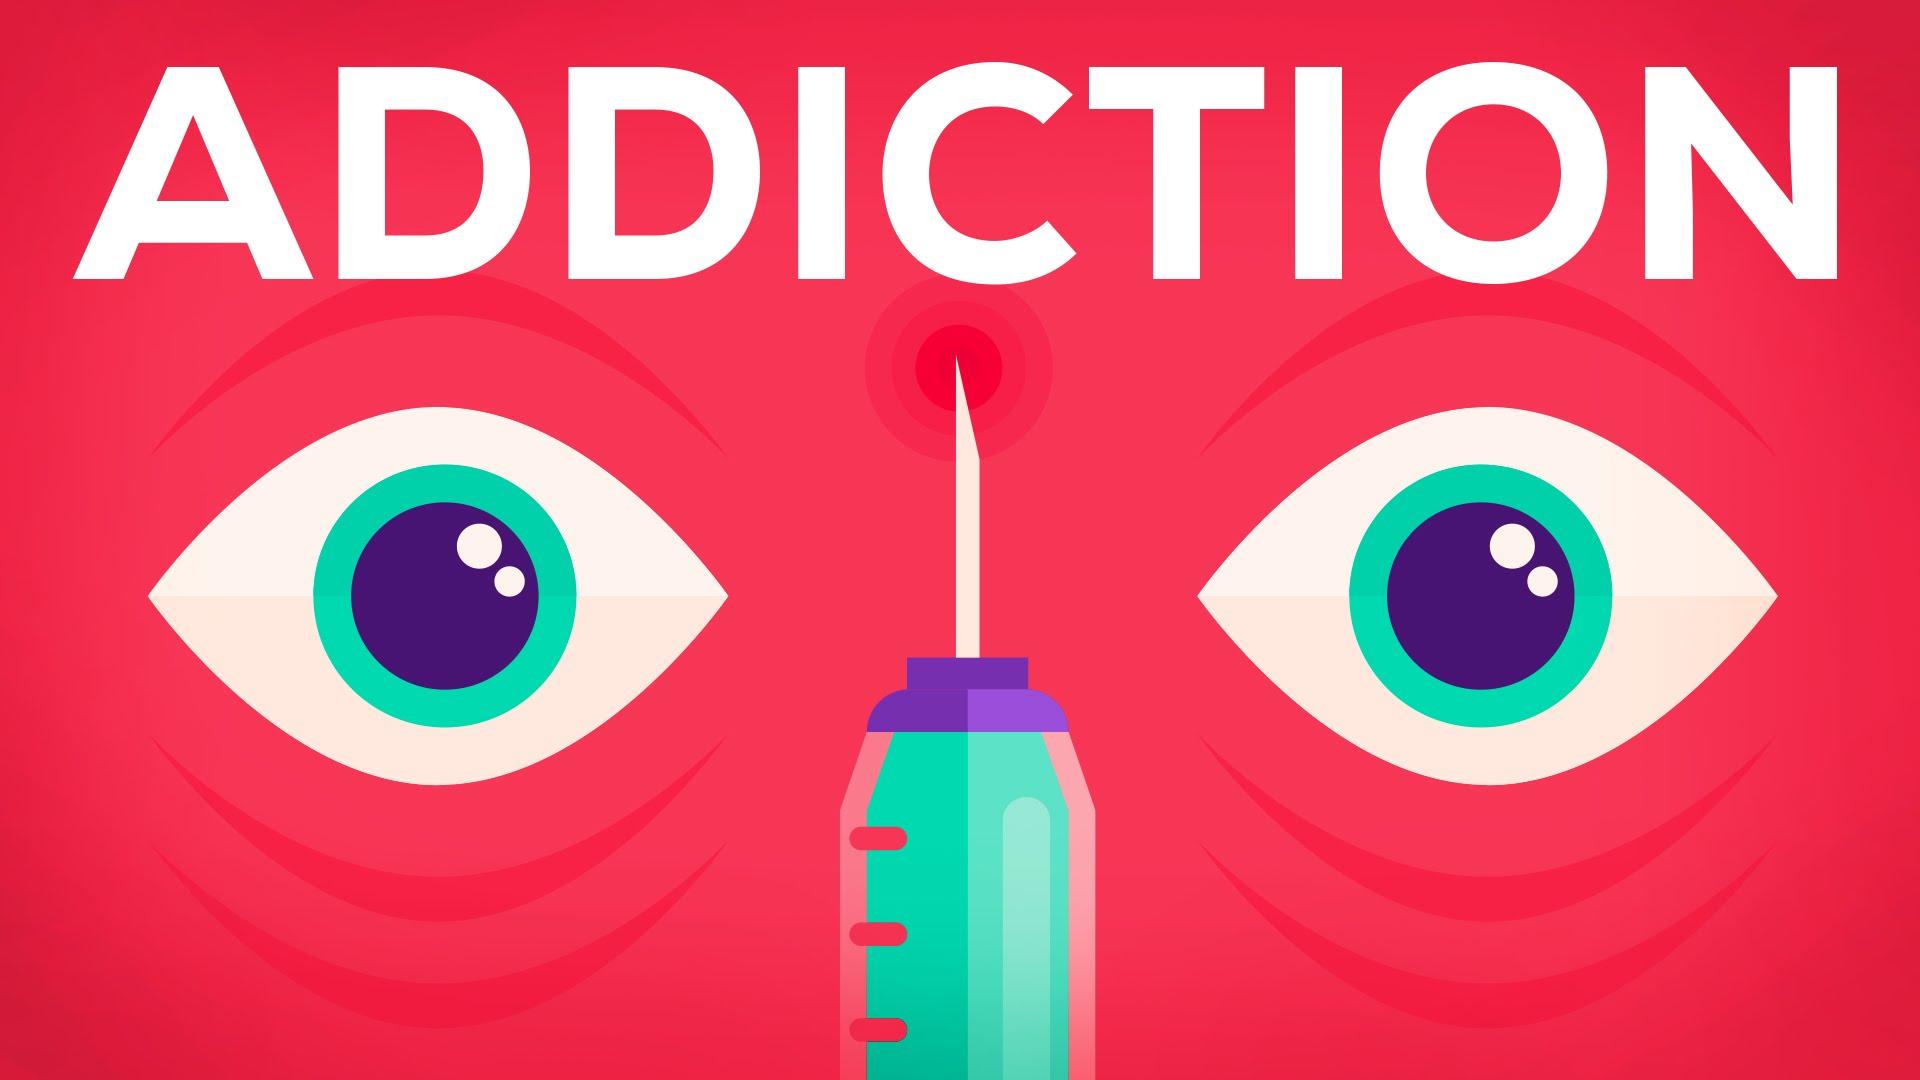 これは勘違いしてた……薬物中毒の本当の原因